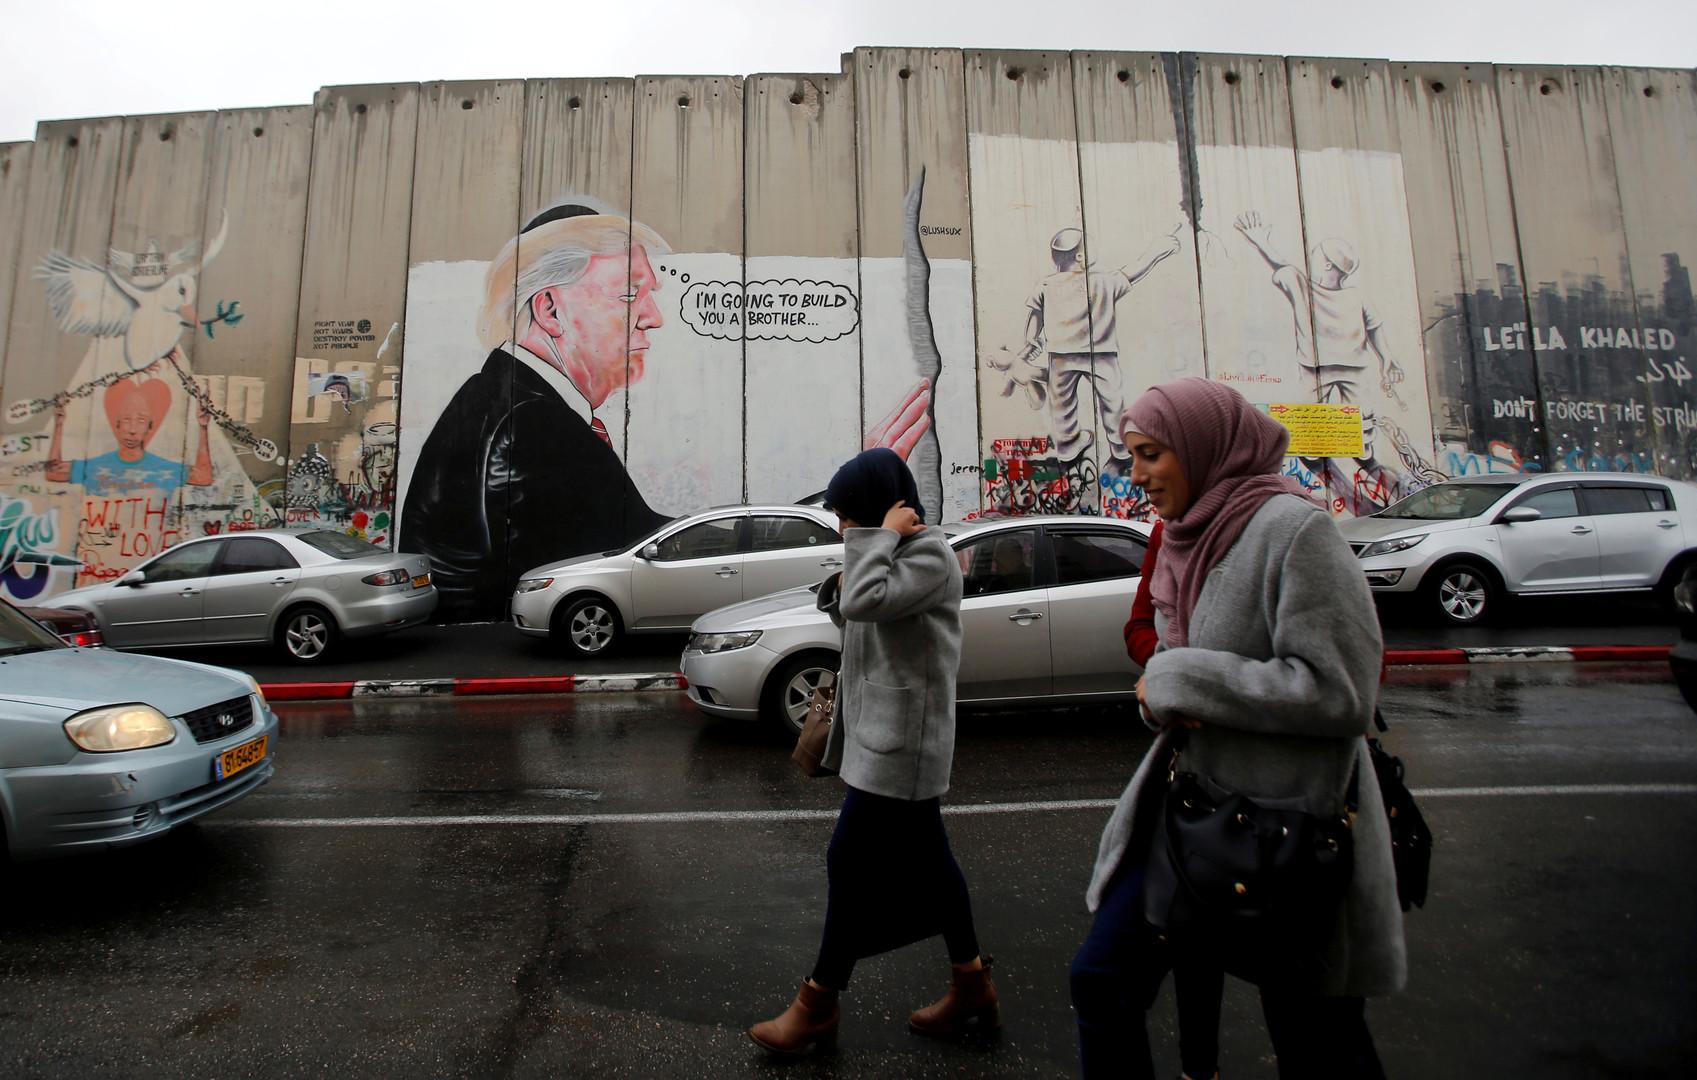 حفيد مانديلا: نظام الفصل العنصري لم ينجح في جنوب إفريقيا وسيفشل في فلسطين